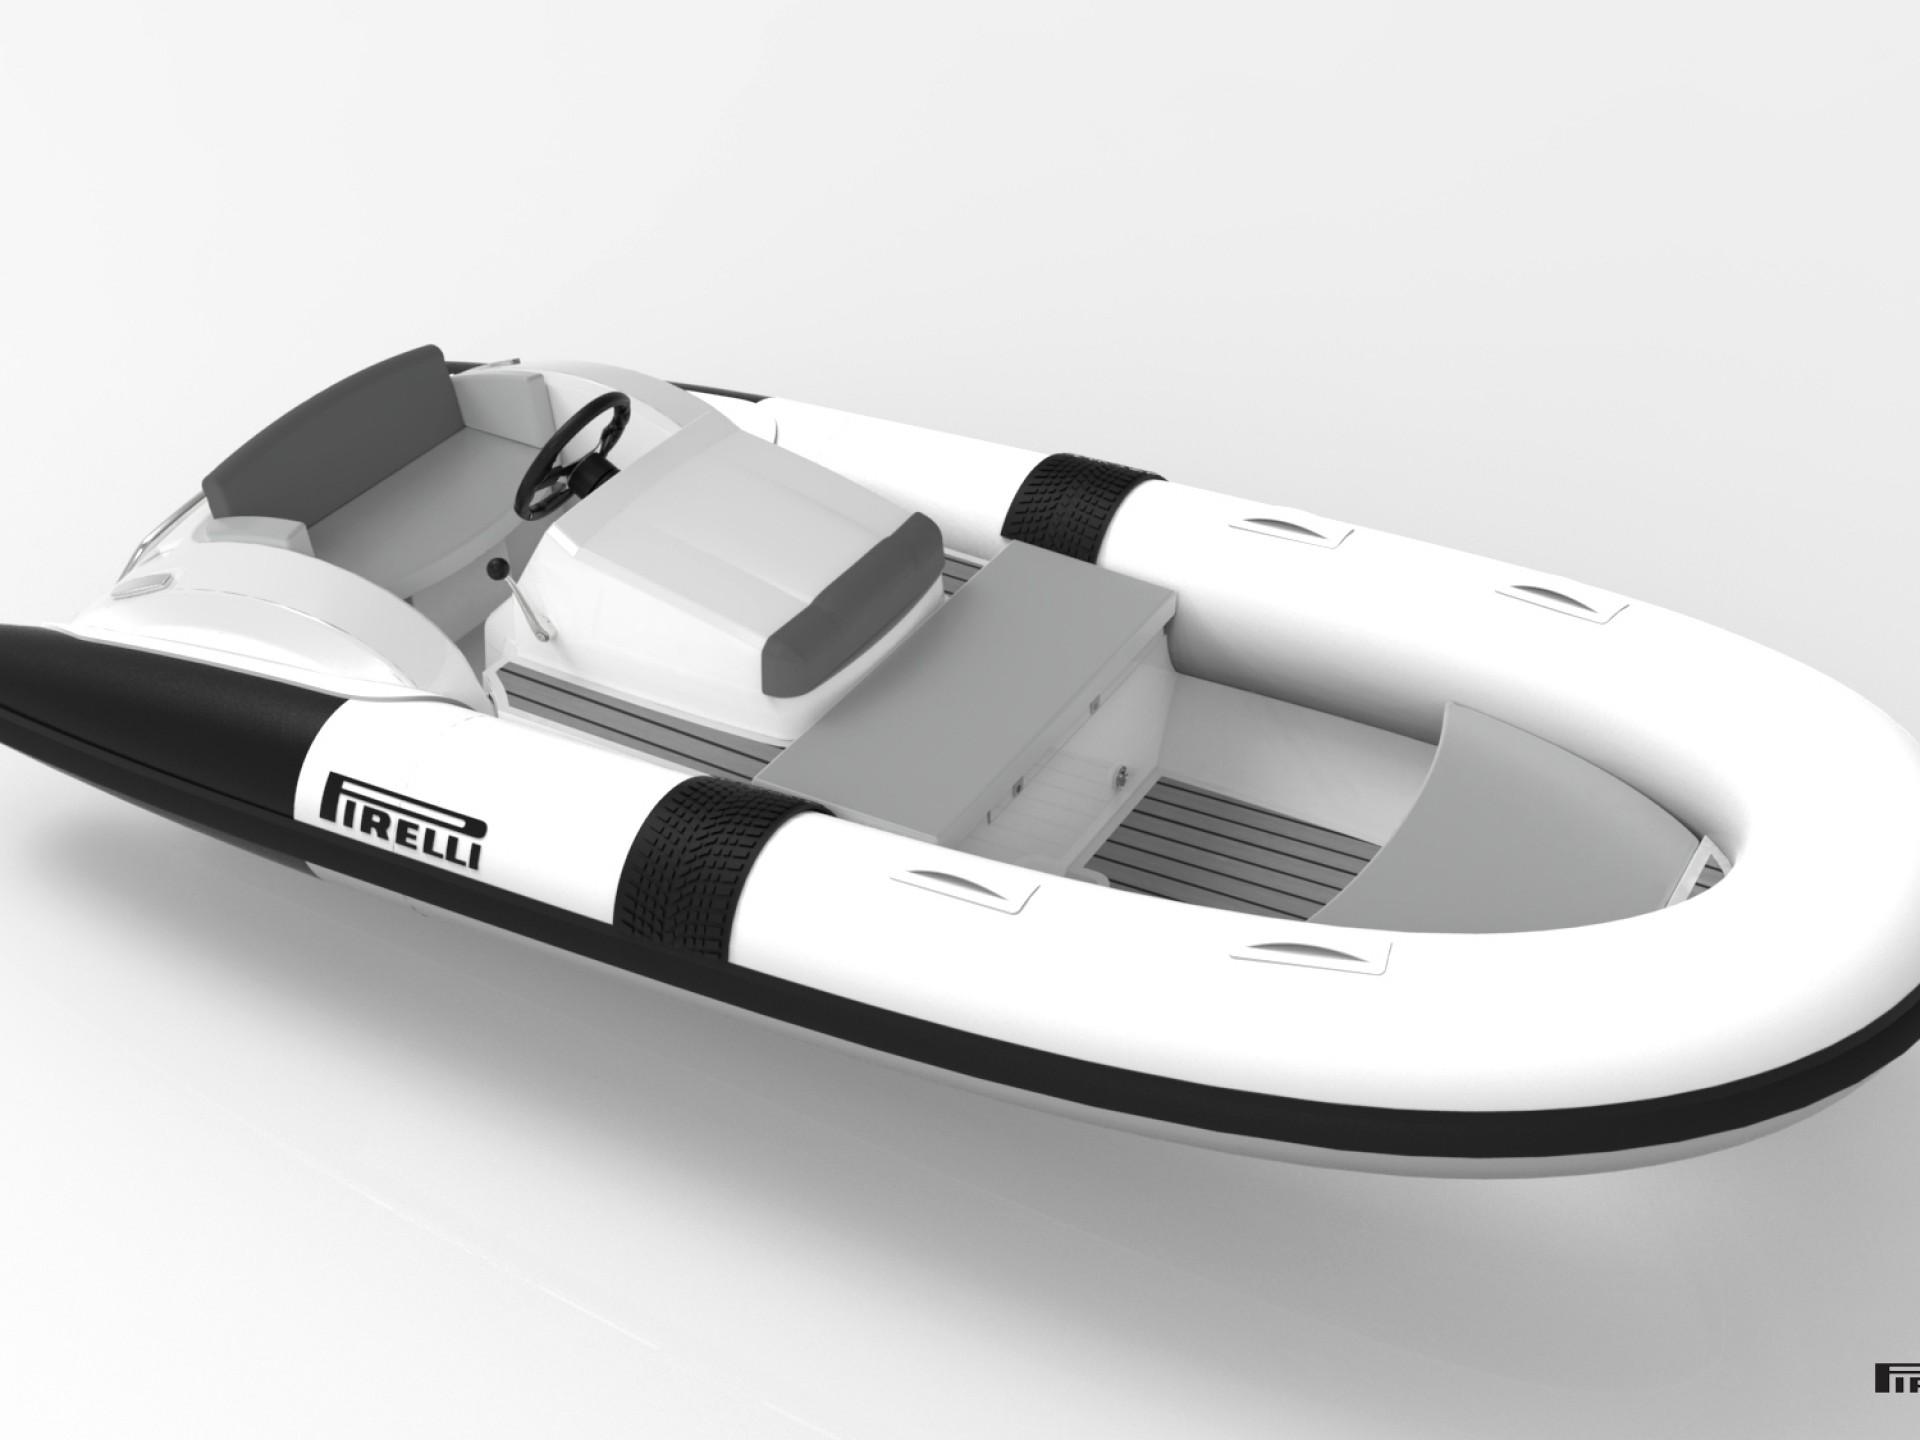 PIRELLI Speedboats J33